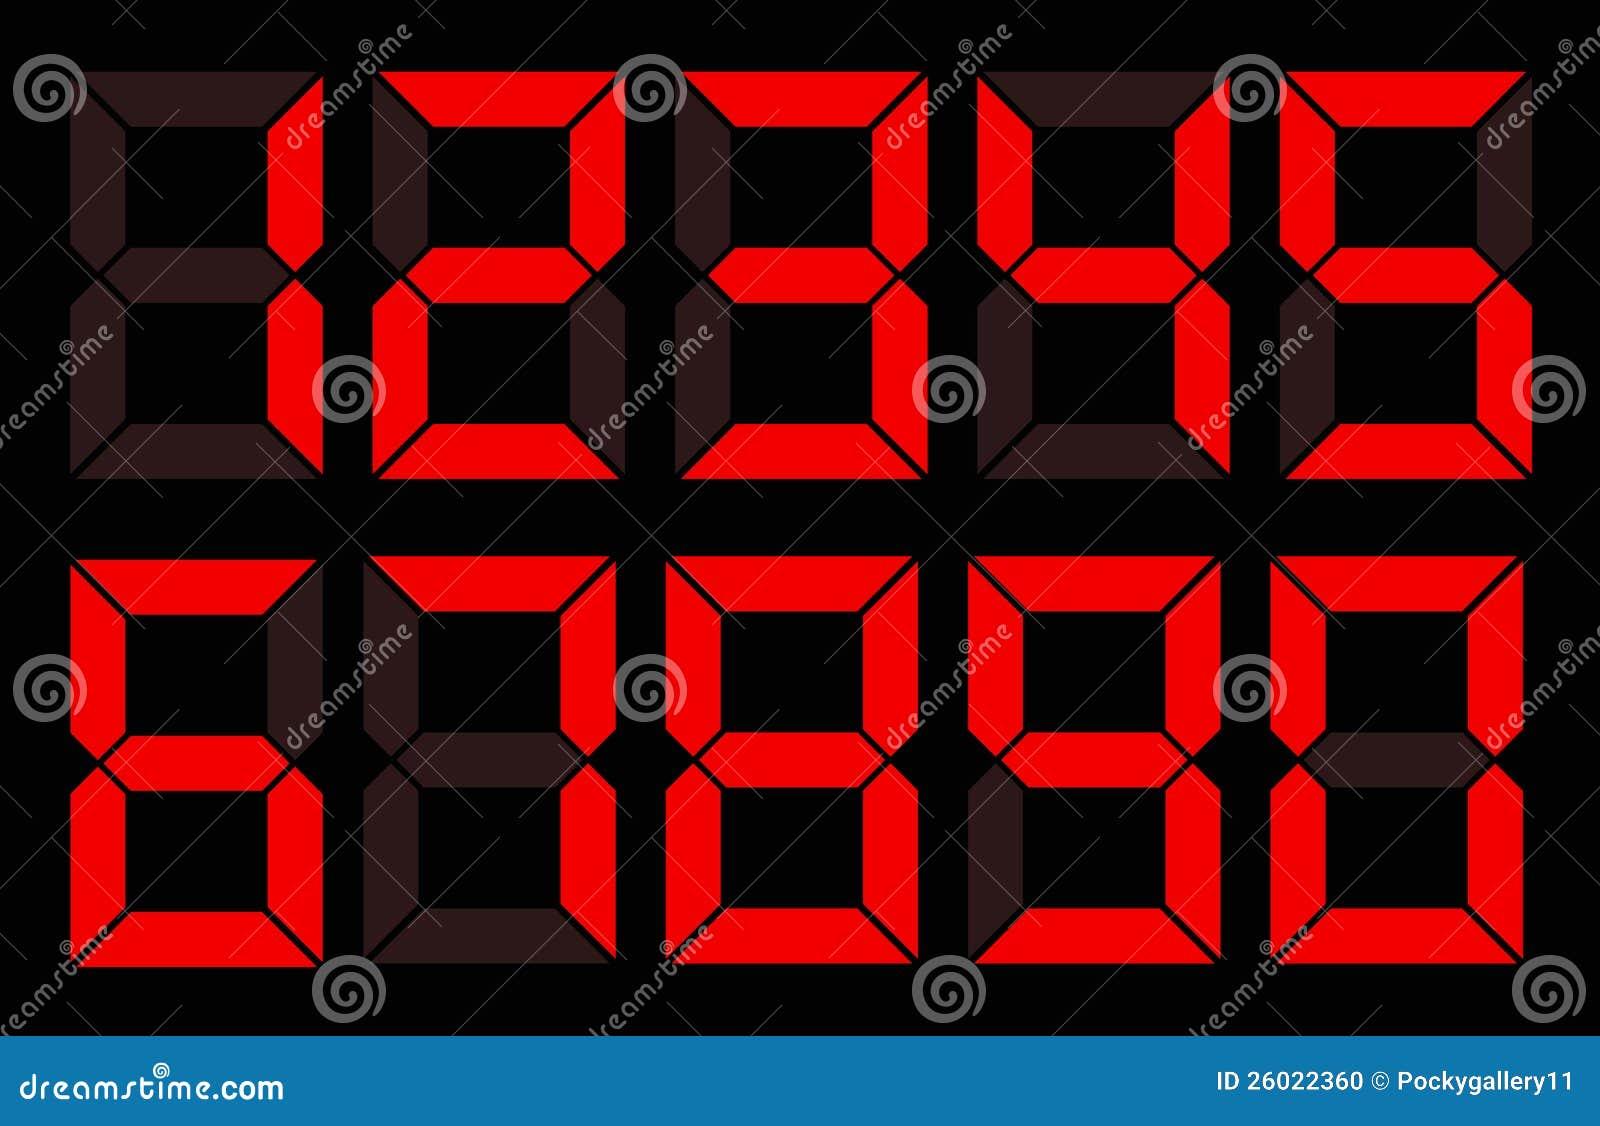 Σύνολο κόκκινου ψηφιακού αριθμού